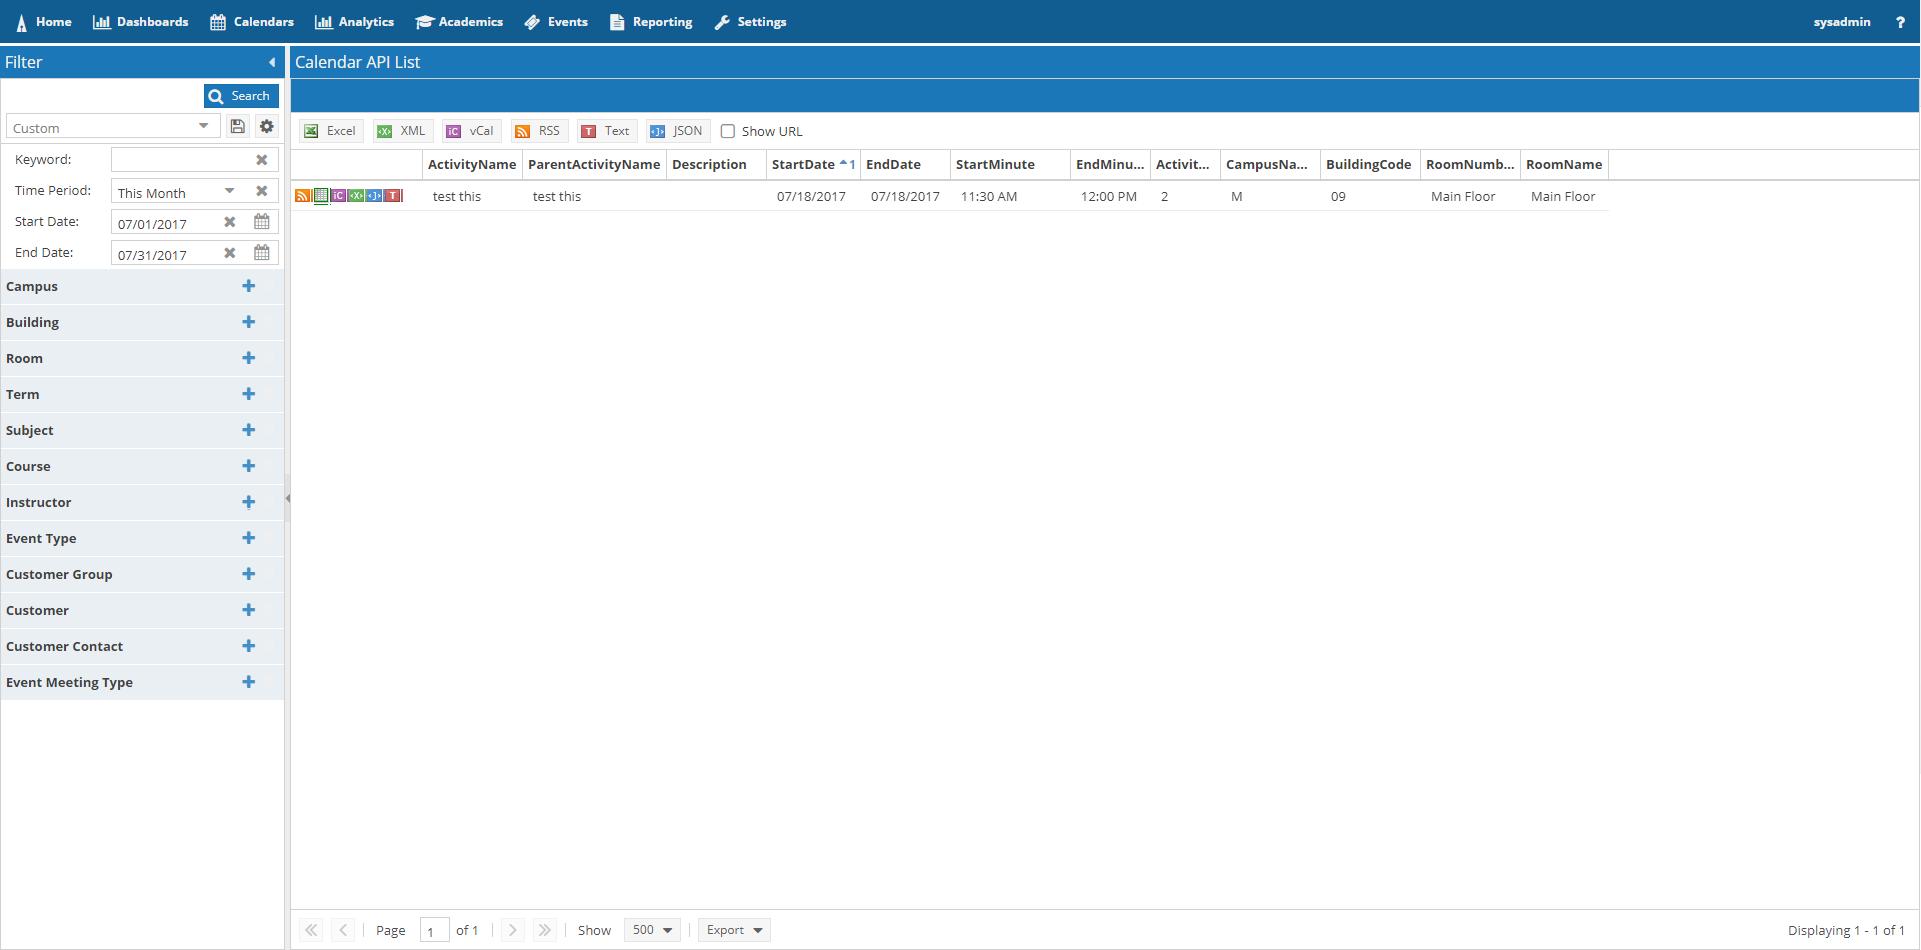 Astra Schedule Help (8 0) - Calendar API